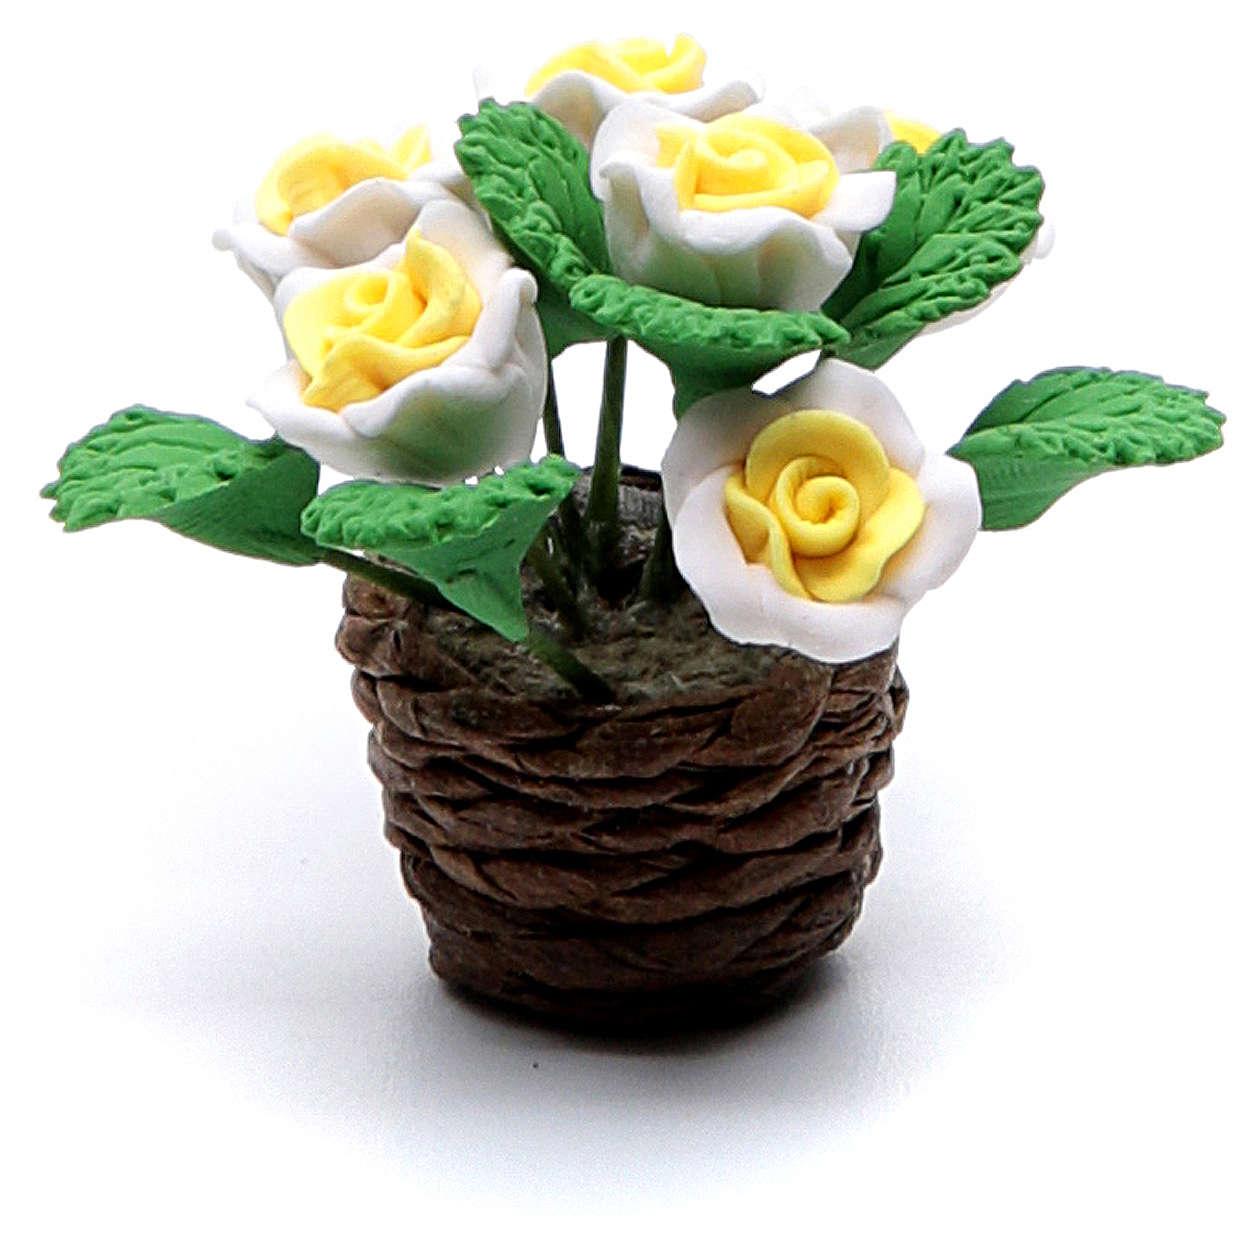 Vaso con flores, accesorios para belén, modelos surtidos 4